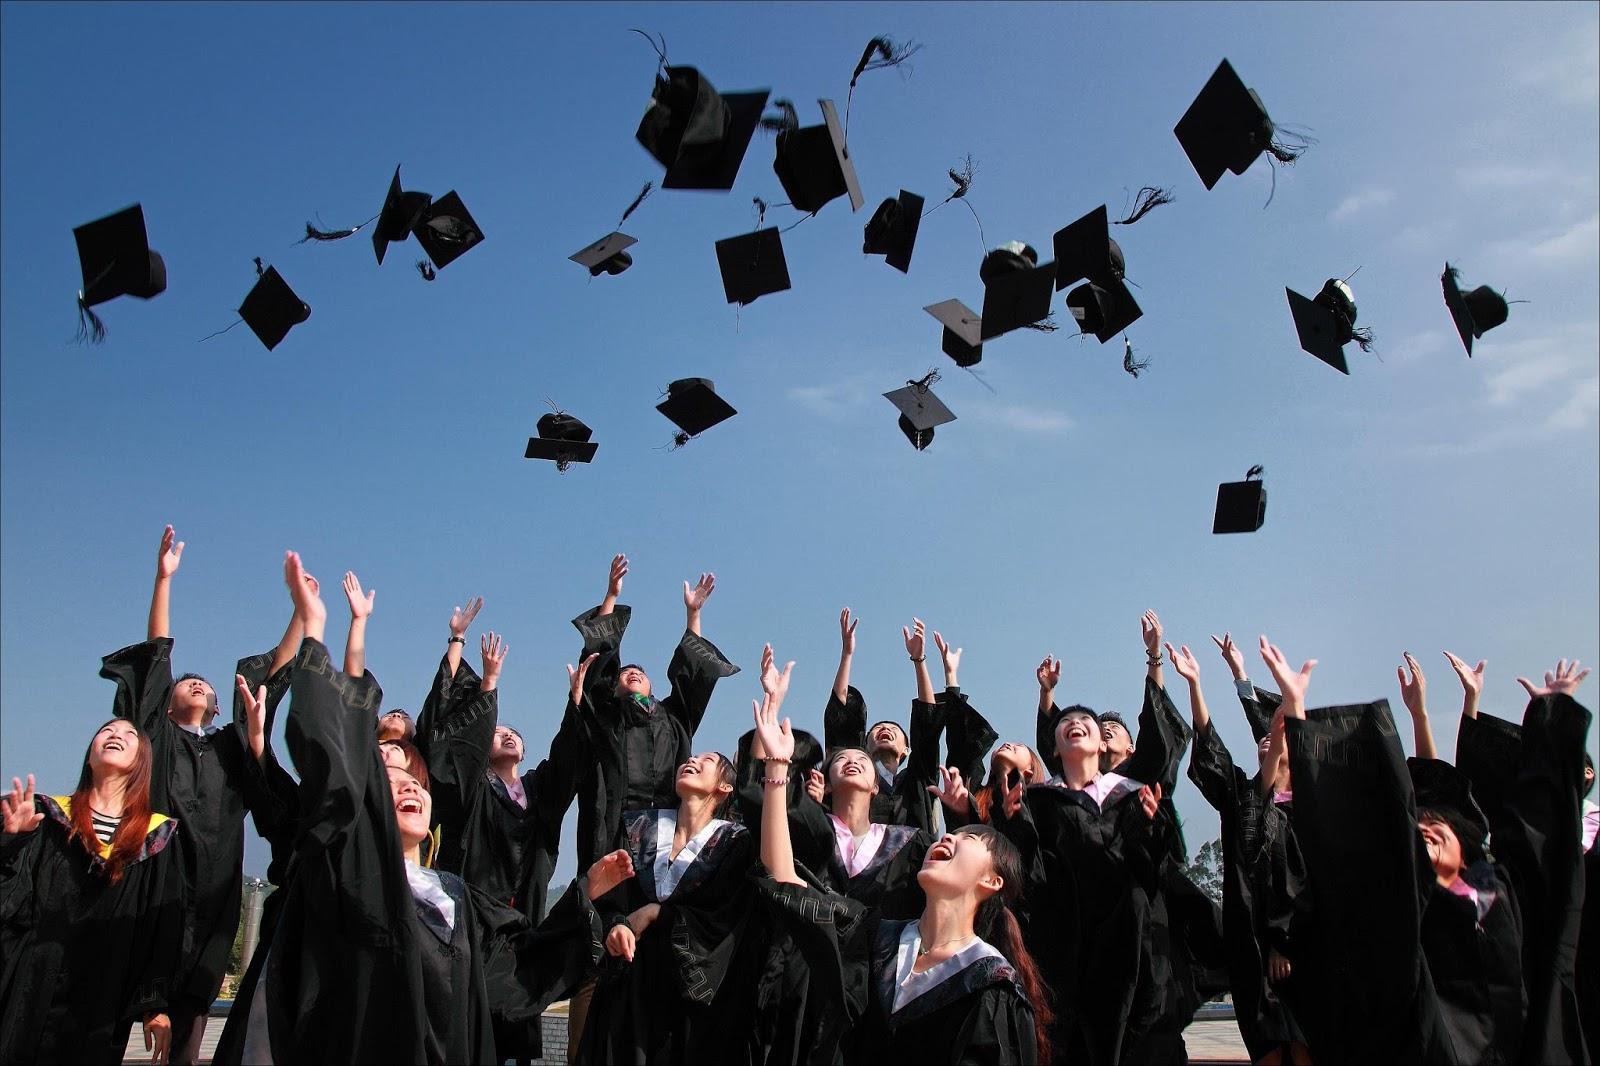 studenci na erasmusie kończą uczelnię